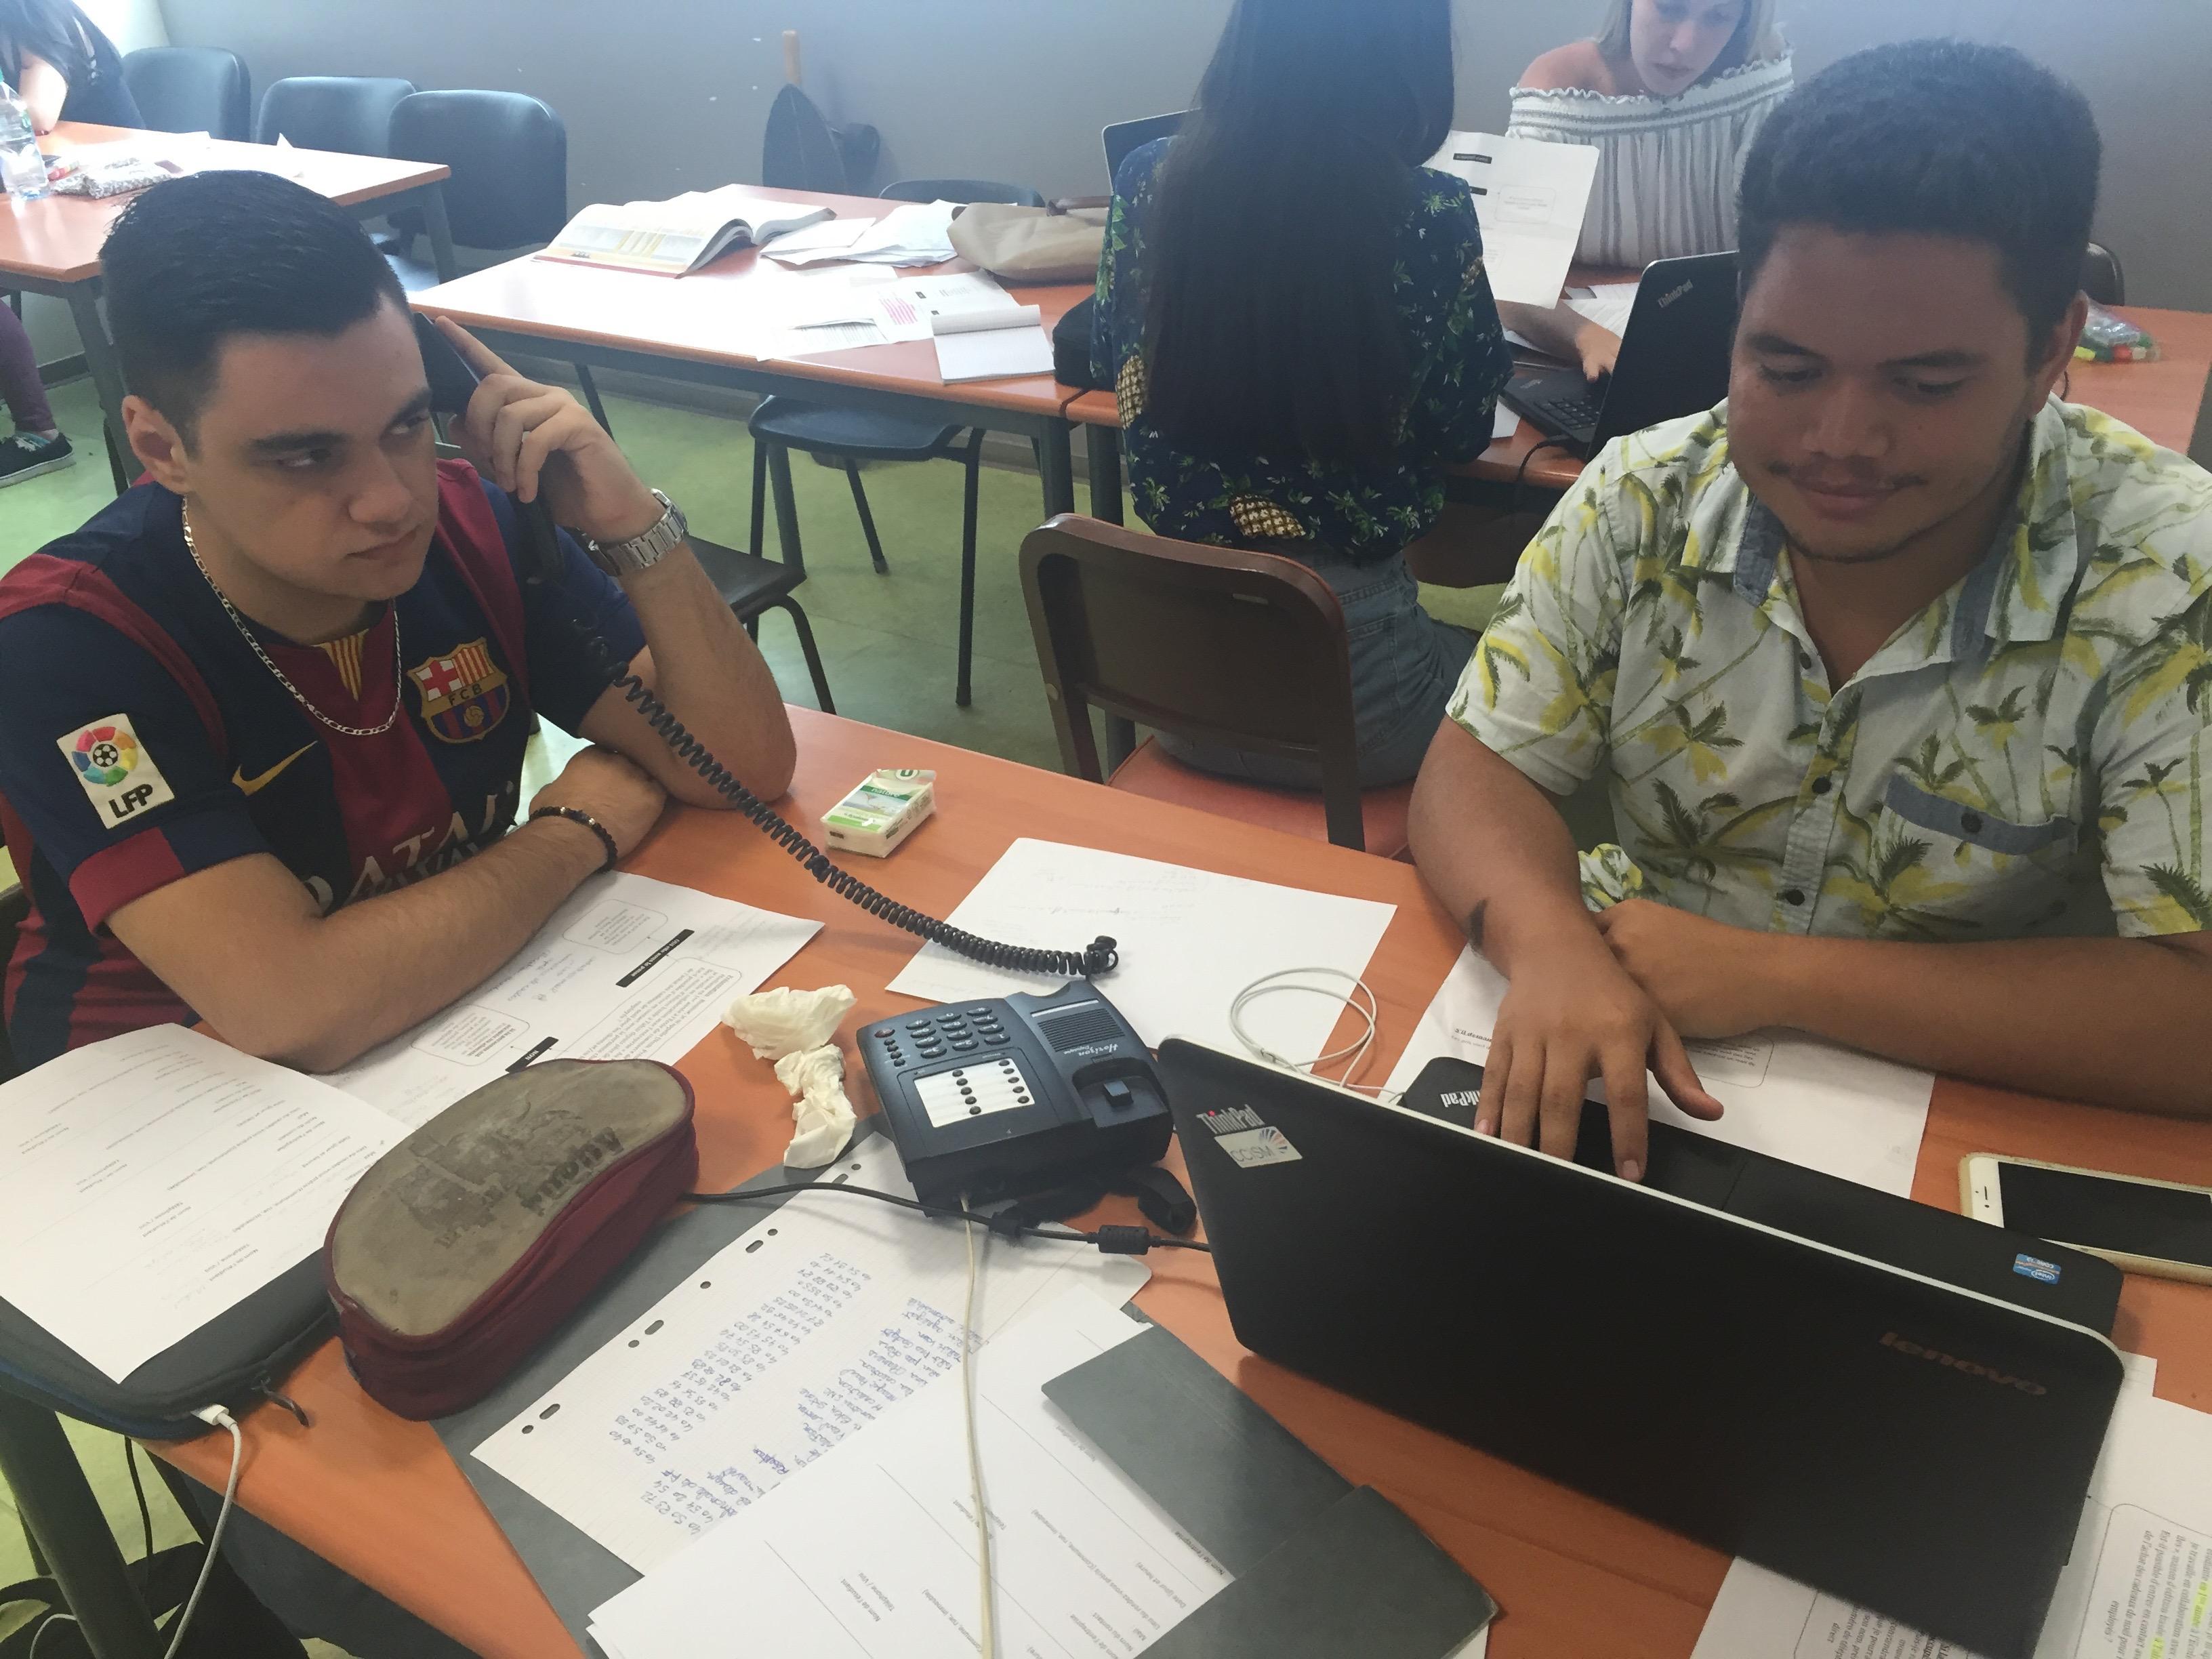 Serge Bryant et Mickaël Travers, étudiants en première année à l'ECT.